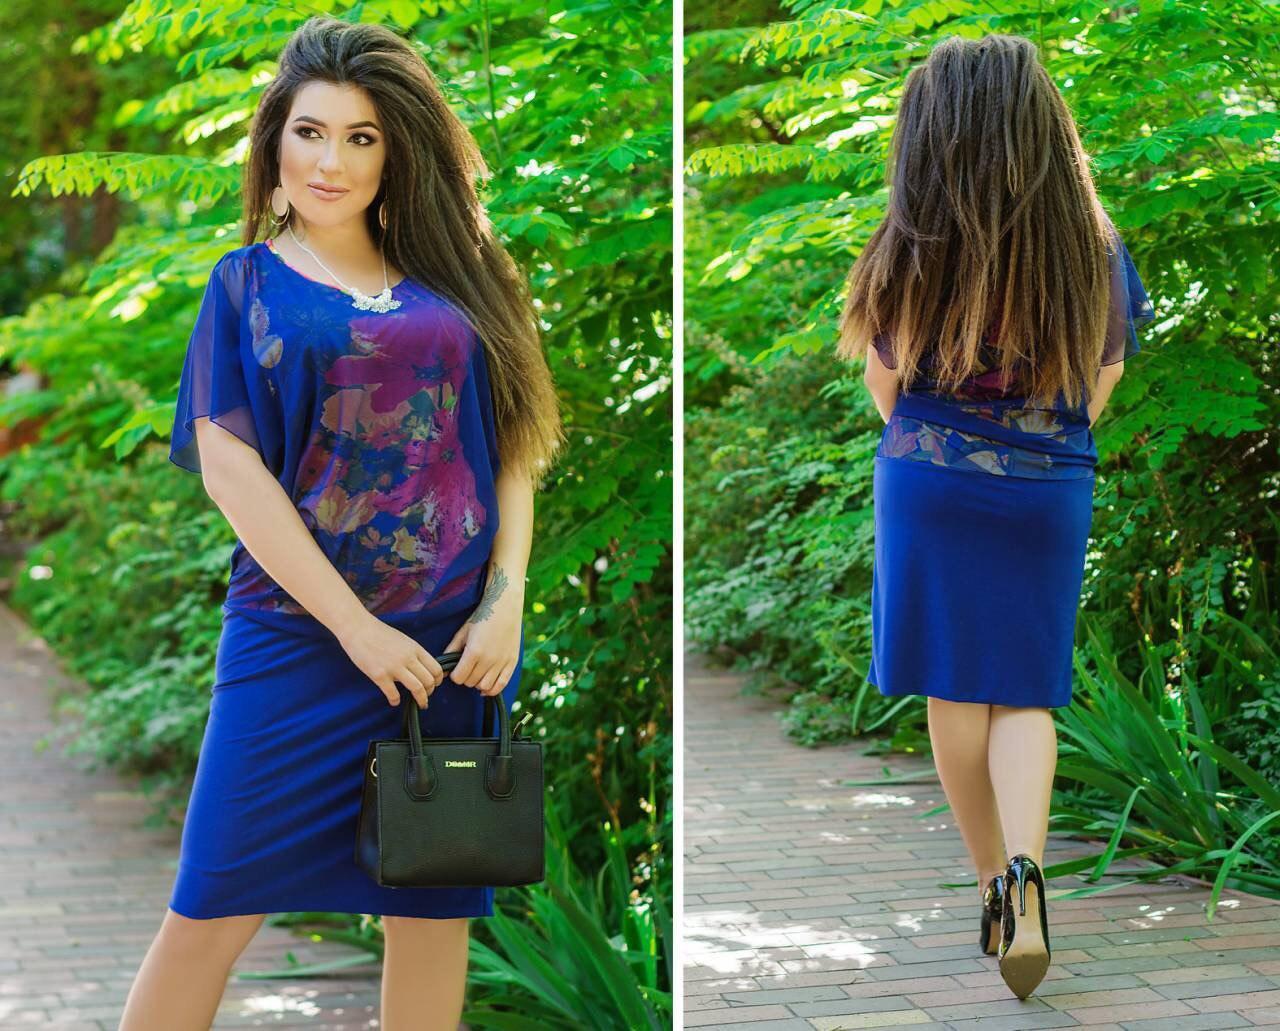 Летнее  платье больших размеров 50+ верх шифон+подкладка с принтом, низ масло арт 5812-178